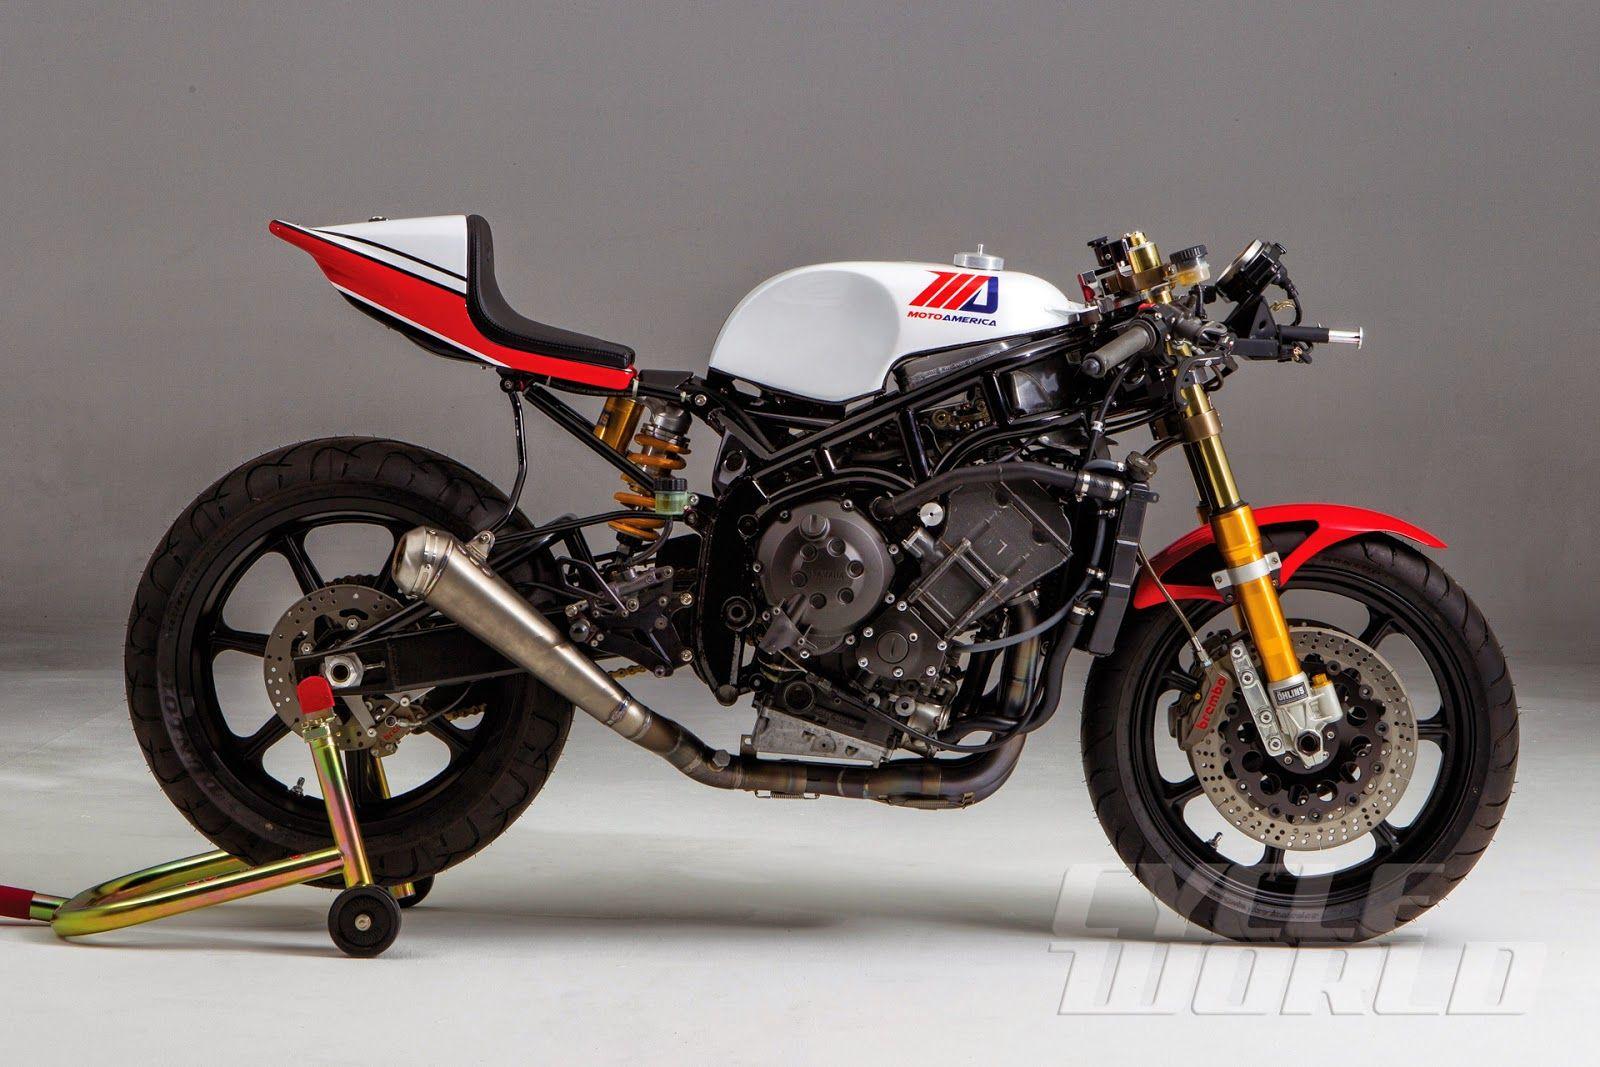 yamaha motorcycles cycle world - 1000×666